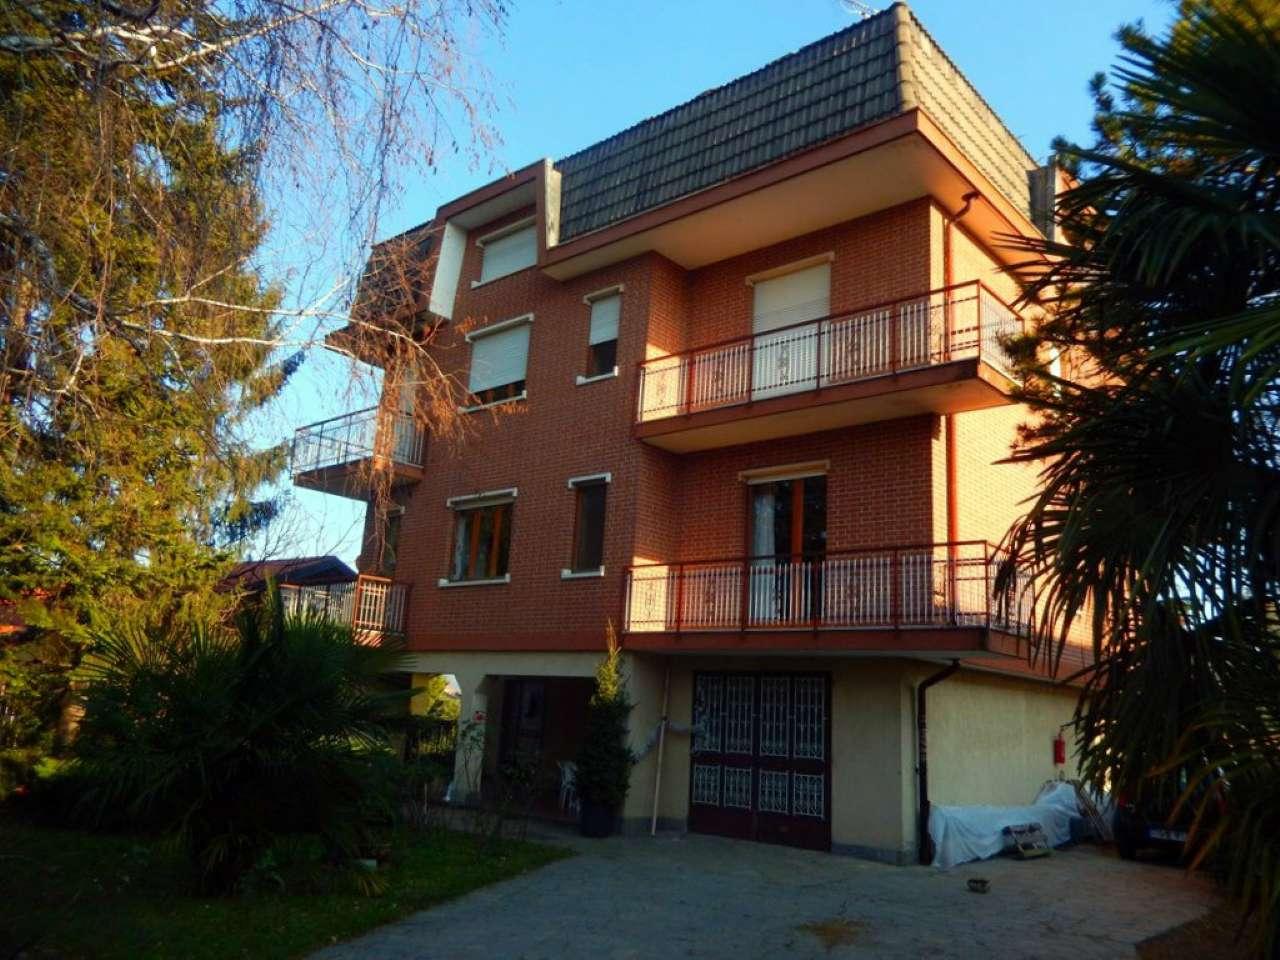 Attico / Mansarda in affitto a Buttigliera Alta, 2 locali, prezzo € 380 | PortaleAgenzieImmobiliari.it